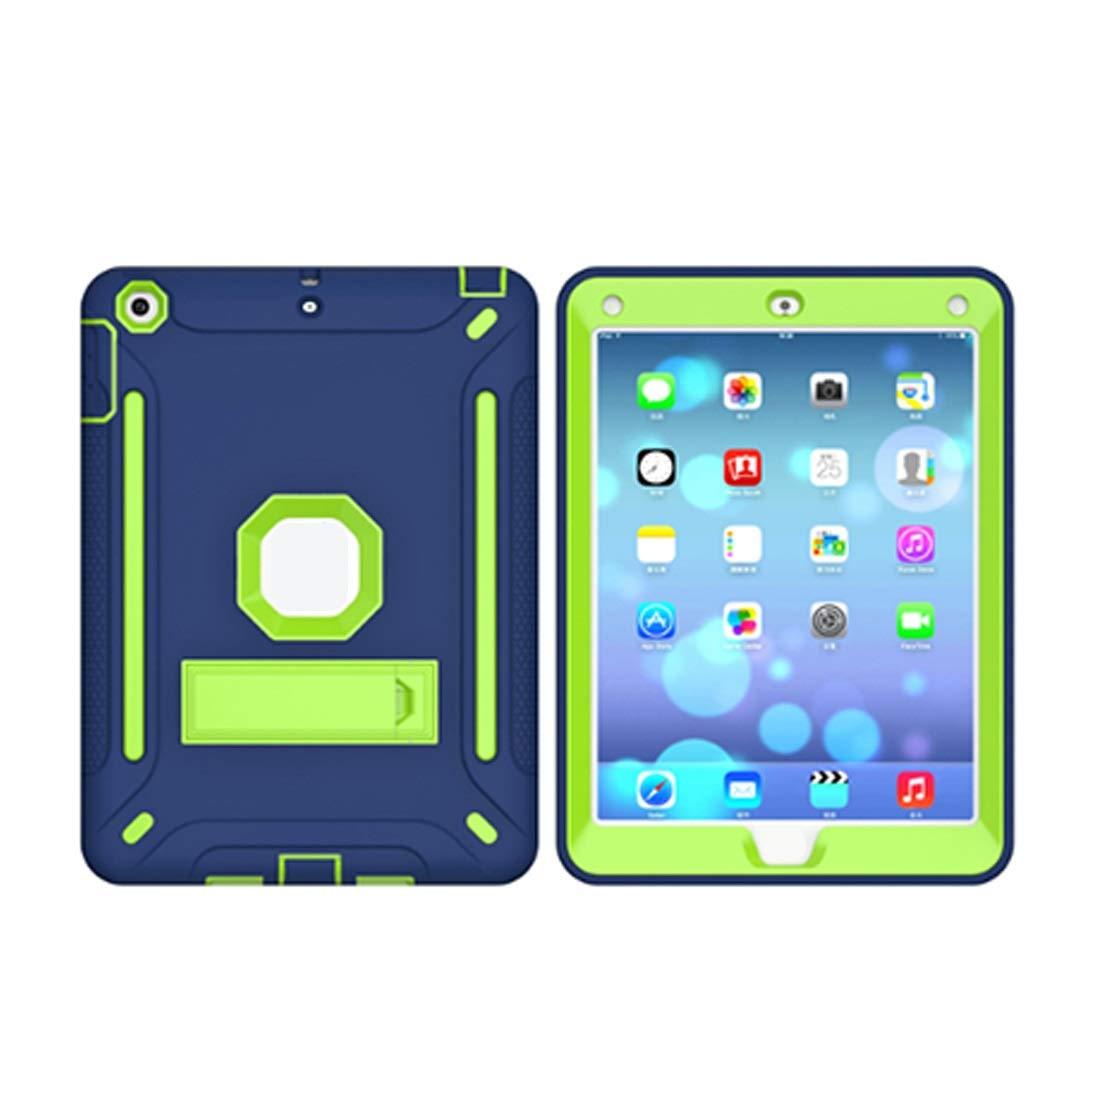 流行 KRPENRIO iPad 5ケース 頑丈 スリム 耐衝撃 5ケース シリコン iPad B07L8CHKM2 保護ケースカバー 9.7インチiPad用 (ネイビーブルー/蛍光オレンジ) (カラー:蛍光グリーン、サイズ:iPad2017) B07L8CHKM2, LINBAK:53fe830e --- a0267596.xsph.ru